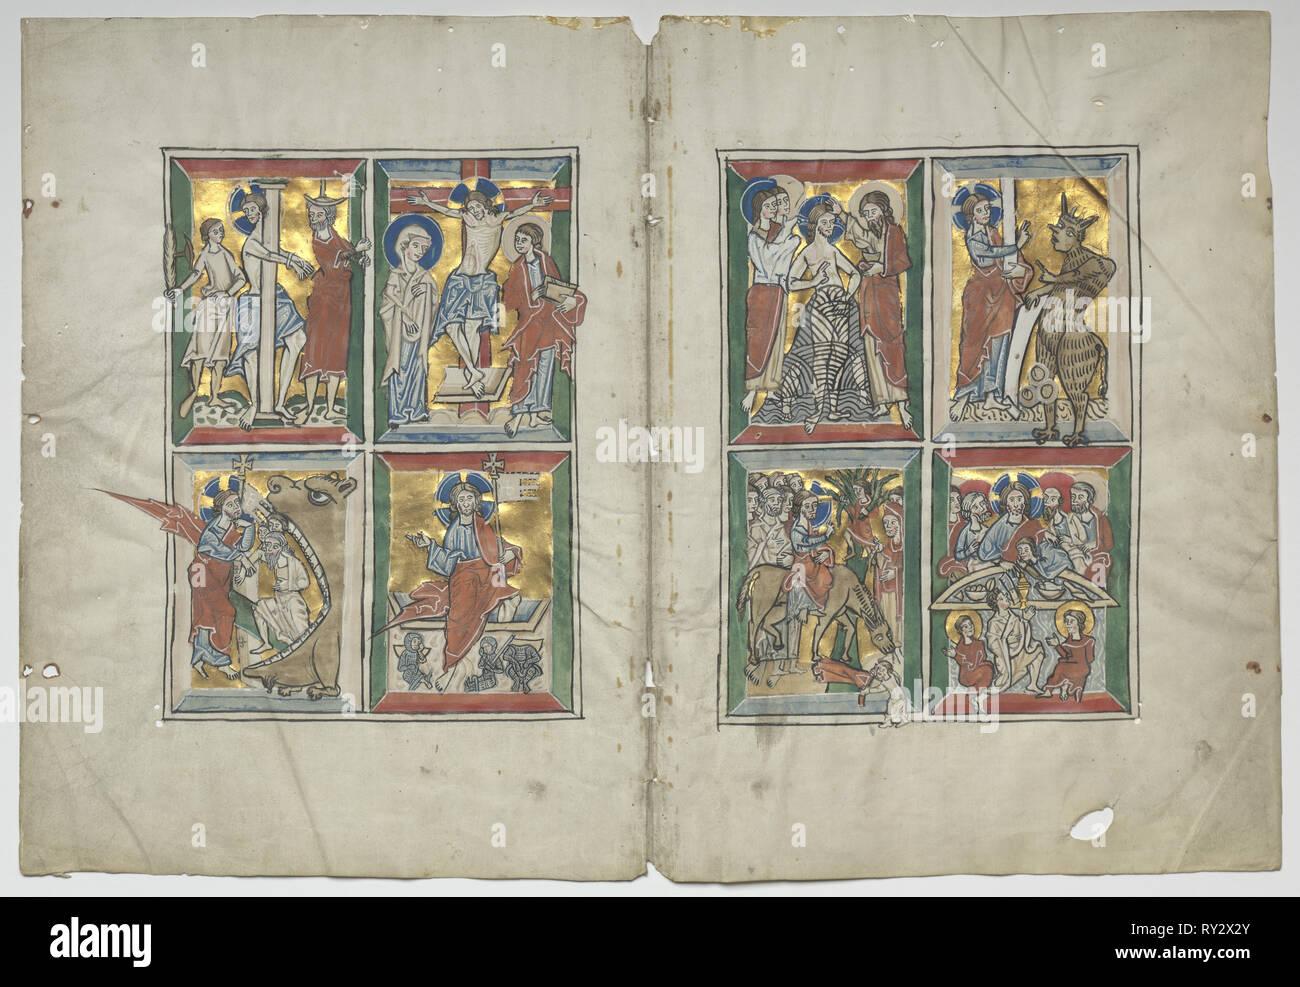 Bifolio con scene della vita di Cristo, 1230-1240. Germania, Bassa Sassonia (Diocesi di Hildesheim), Braunschweig(?), del XIII secolo. Tempera e oro su pergamena; foglio: 31 x 22,5 cm (12 3/16 x 8 7/8 in.); incorniciato: 48,3 x 63,5 cm (19 x 25 in.); complessivo: 30,7 x 45,2 cm (12 1/16 x 17 13/16 in.); mascherino: 40,6 x 55,9 cm (16 x 22 Foto Stock